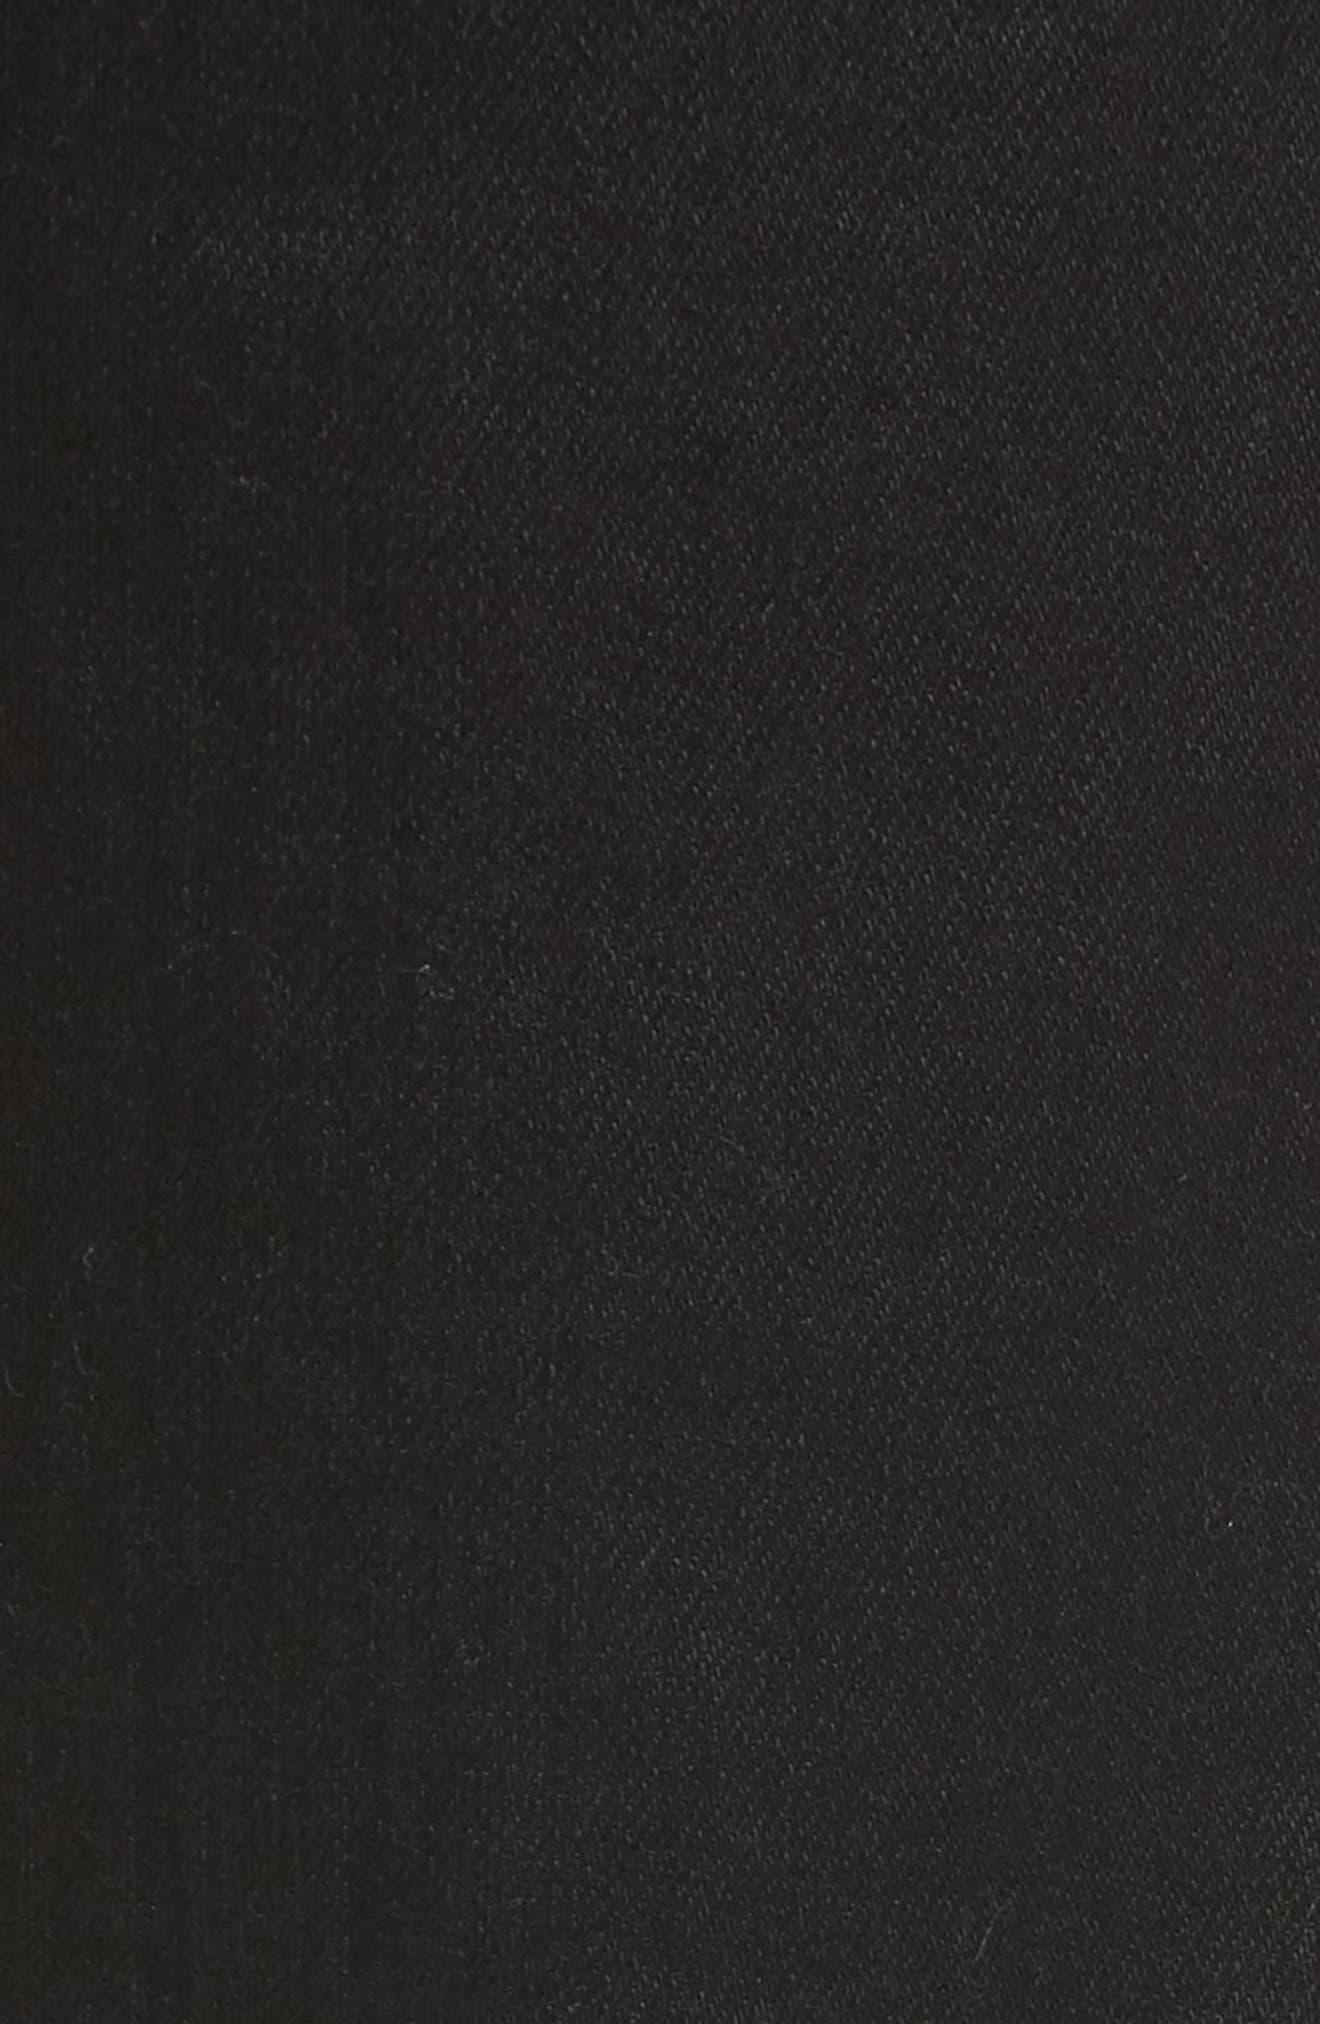 Fit 2 Slim Fit Jeans,                             Alternate thumbnail 5, color,                             BLACK